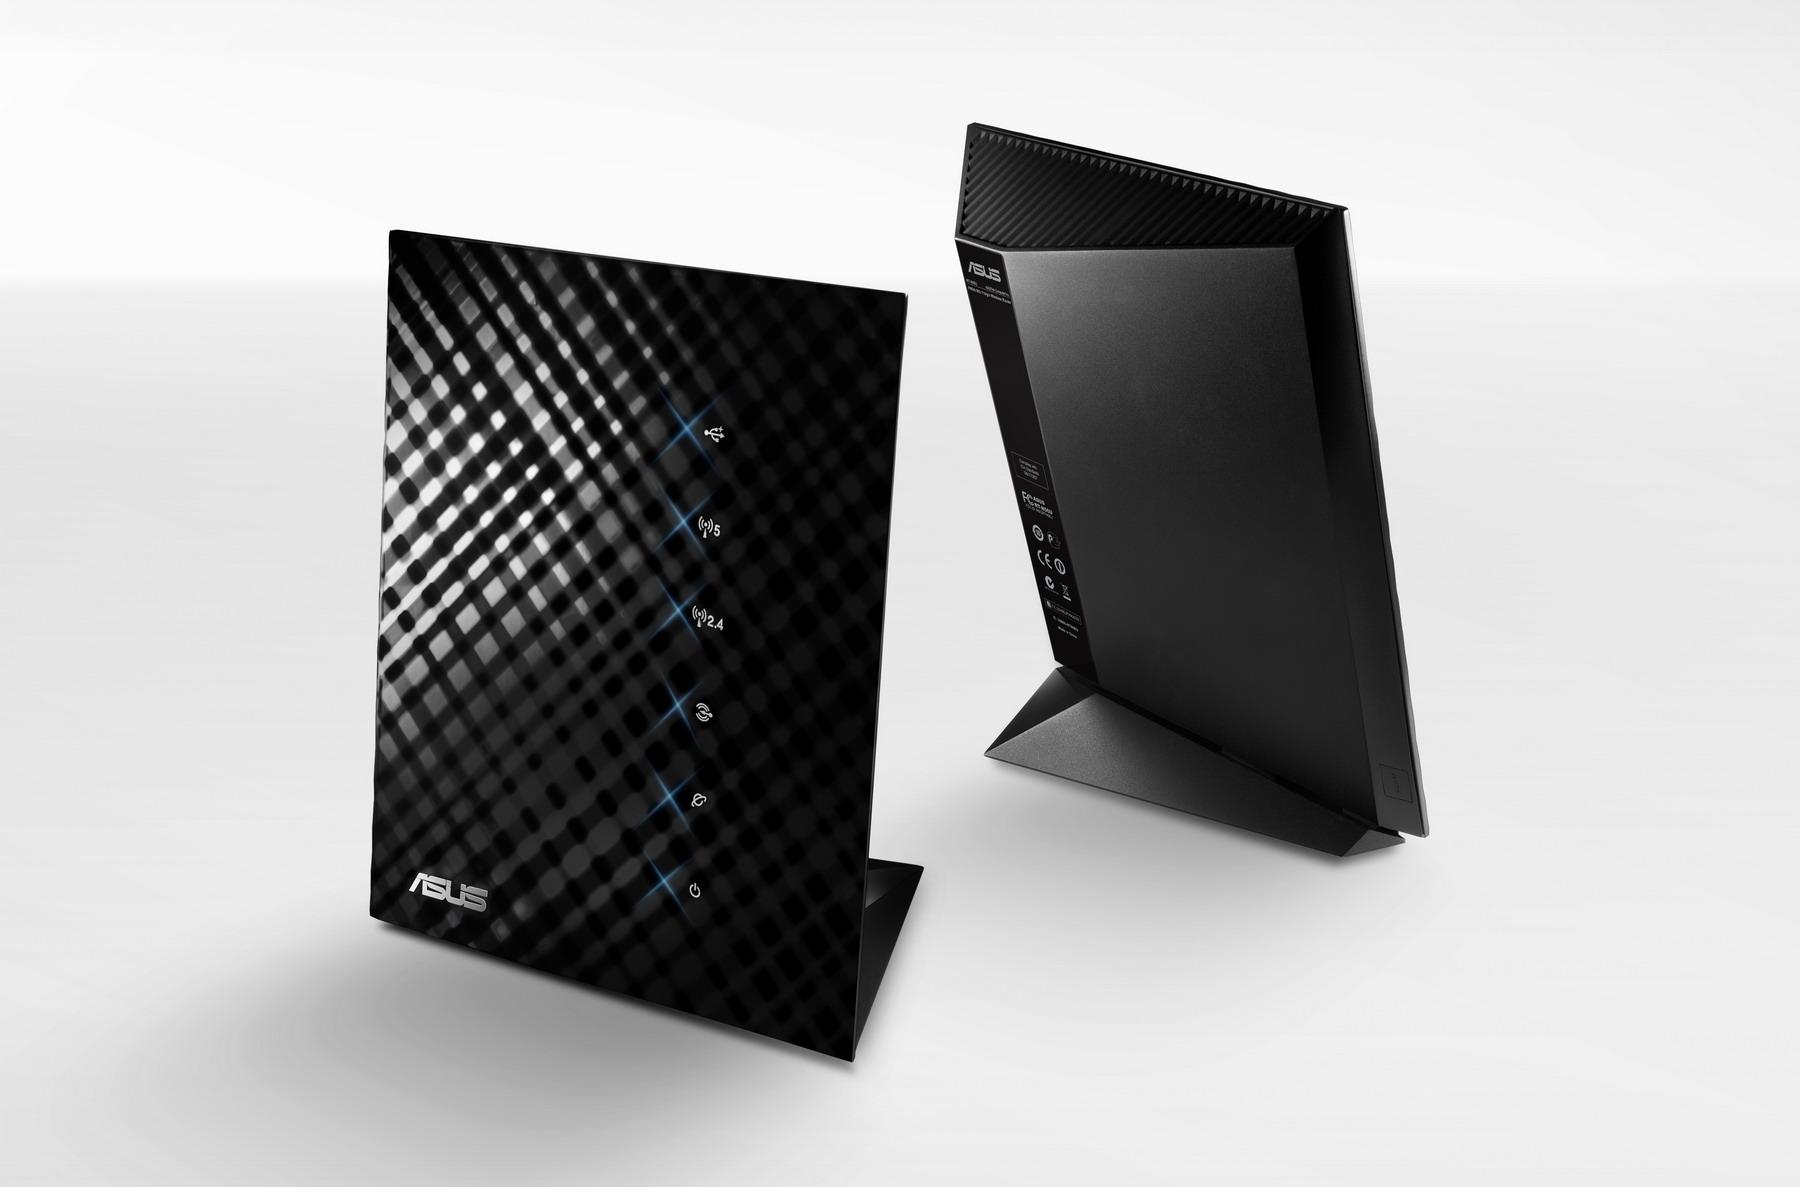 Gigabit 無線雙頻路由器 / 華碩電腦股份有限公司